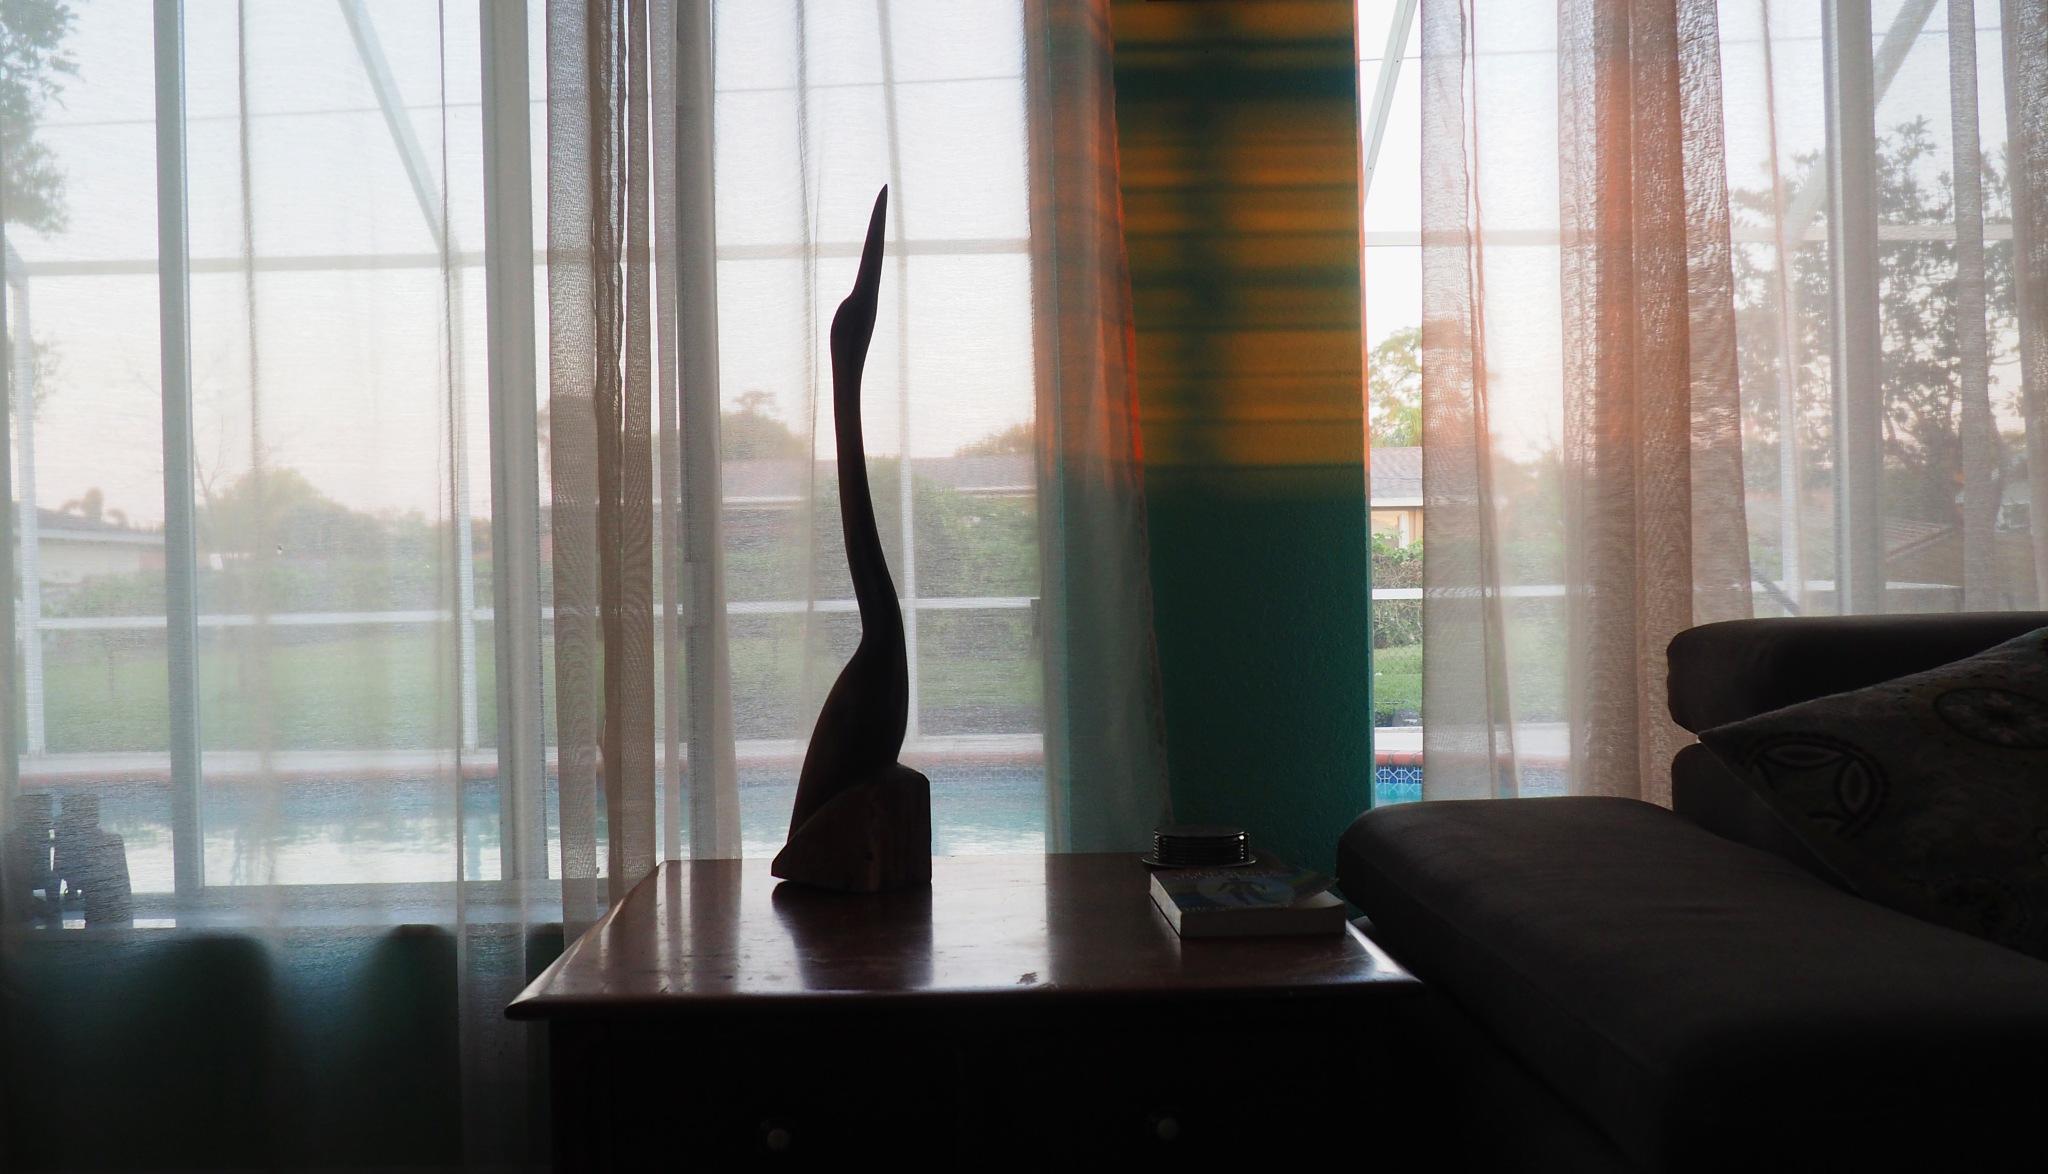 Wooden Crane by mark.khan.7161